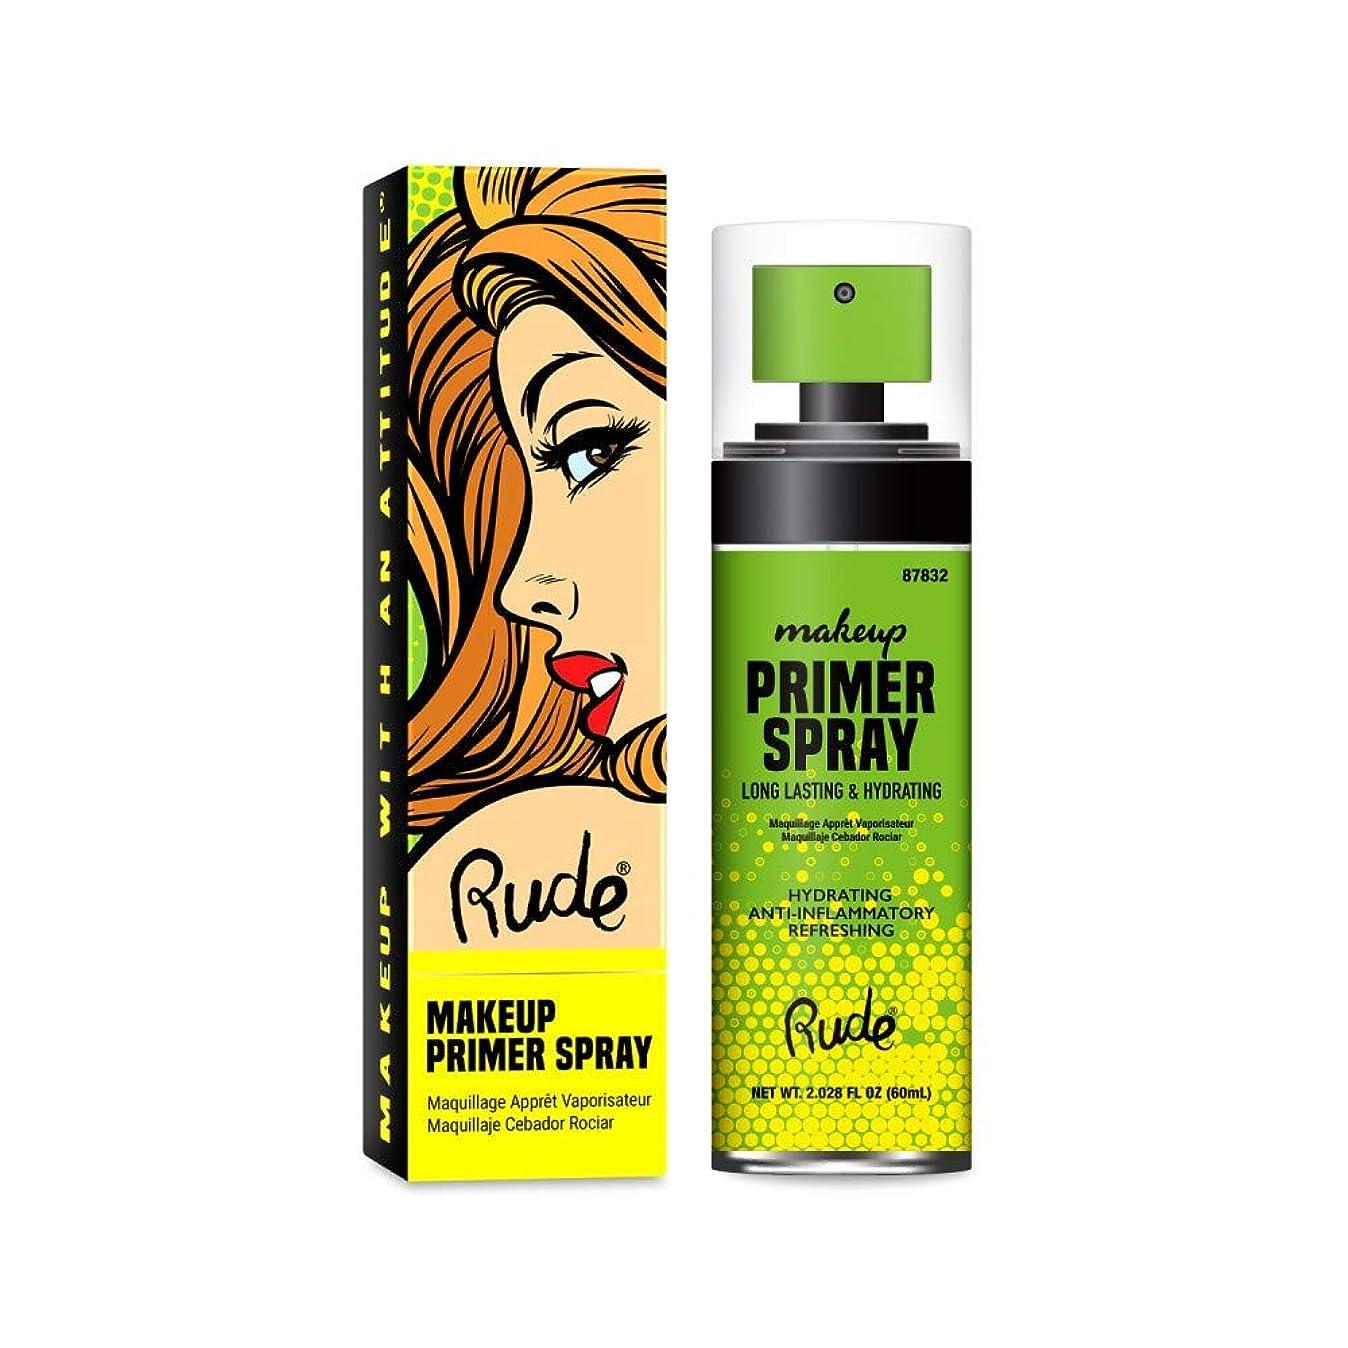 引退するシアー頬骨(6 Pack) RUDE? Make Up Primer Spray (並行輸入品)